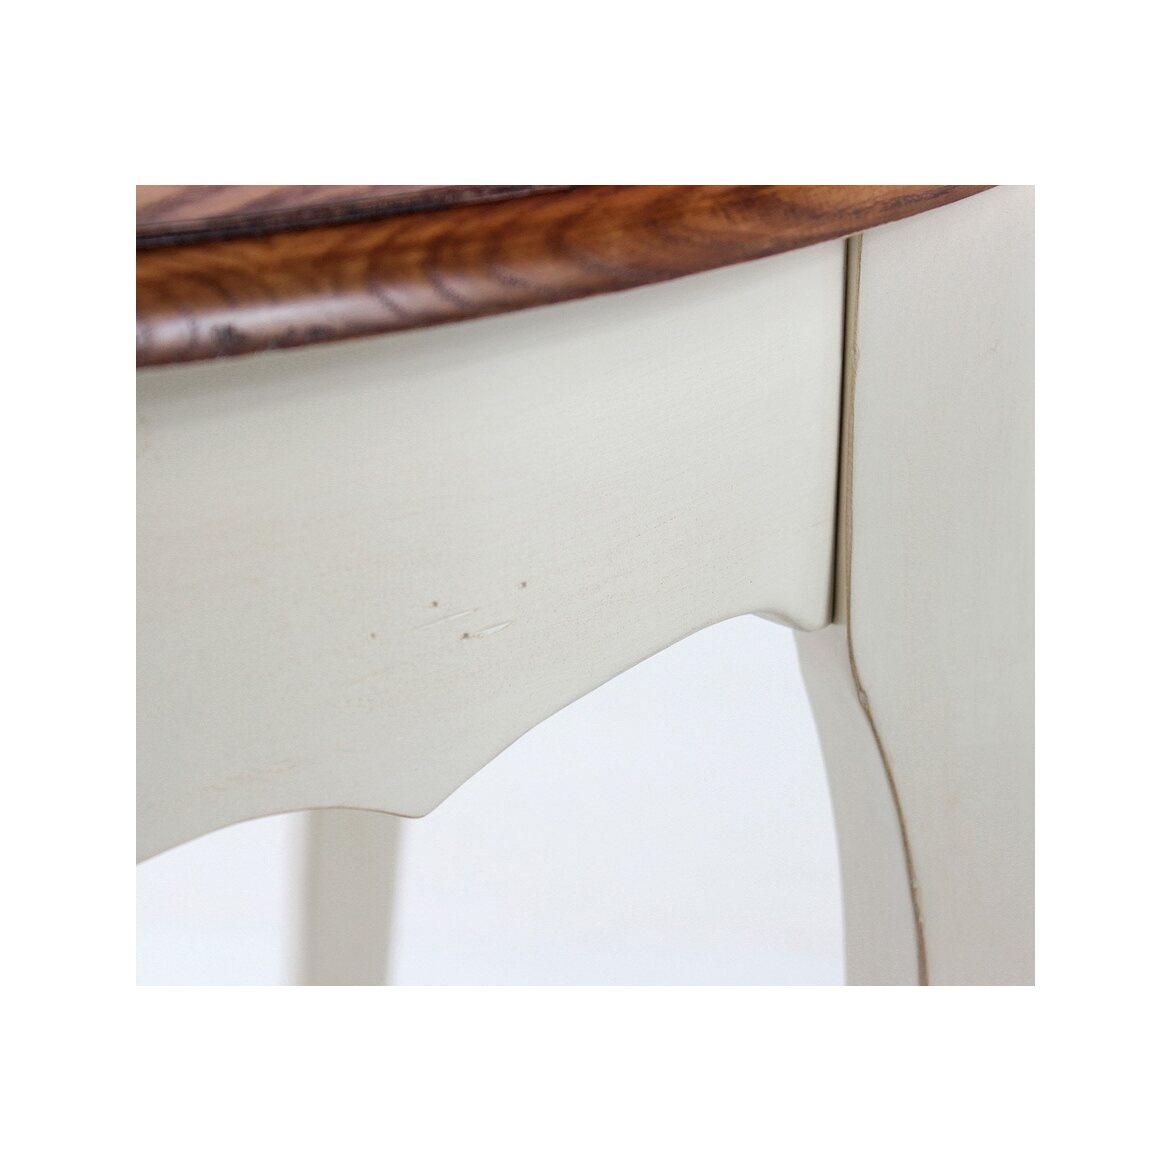 Круглый обеденный стол Leontina (малый), бежевого цвета 5   Обеденные столы Kingsby